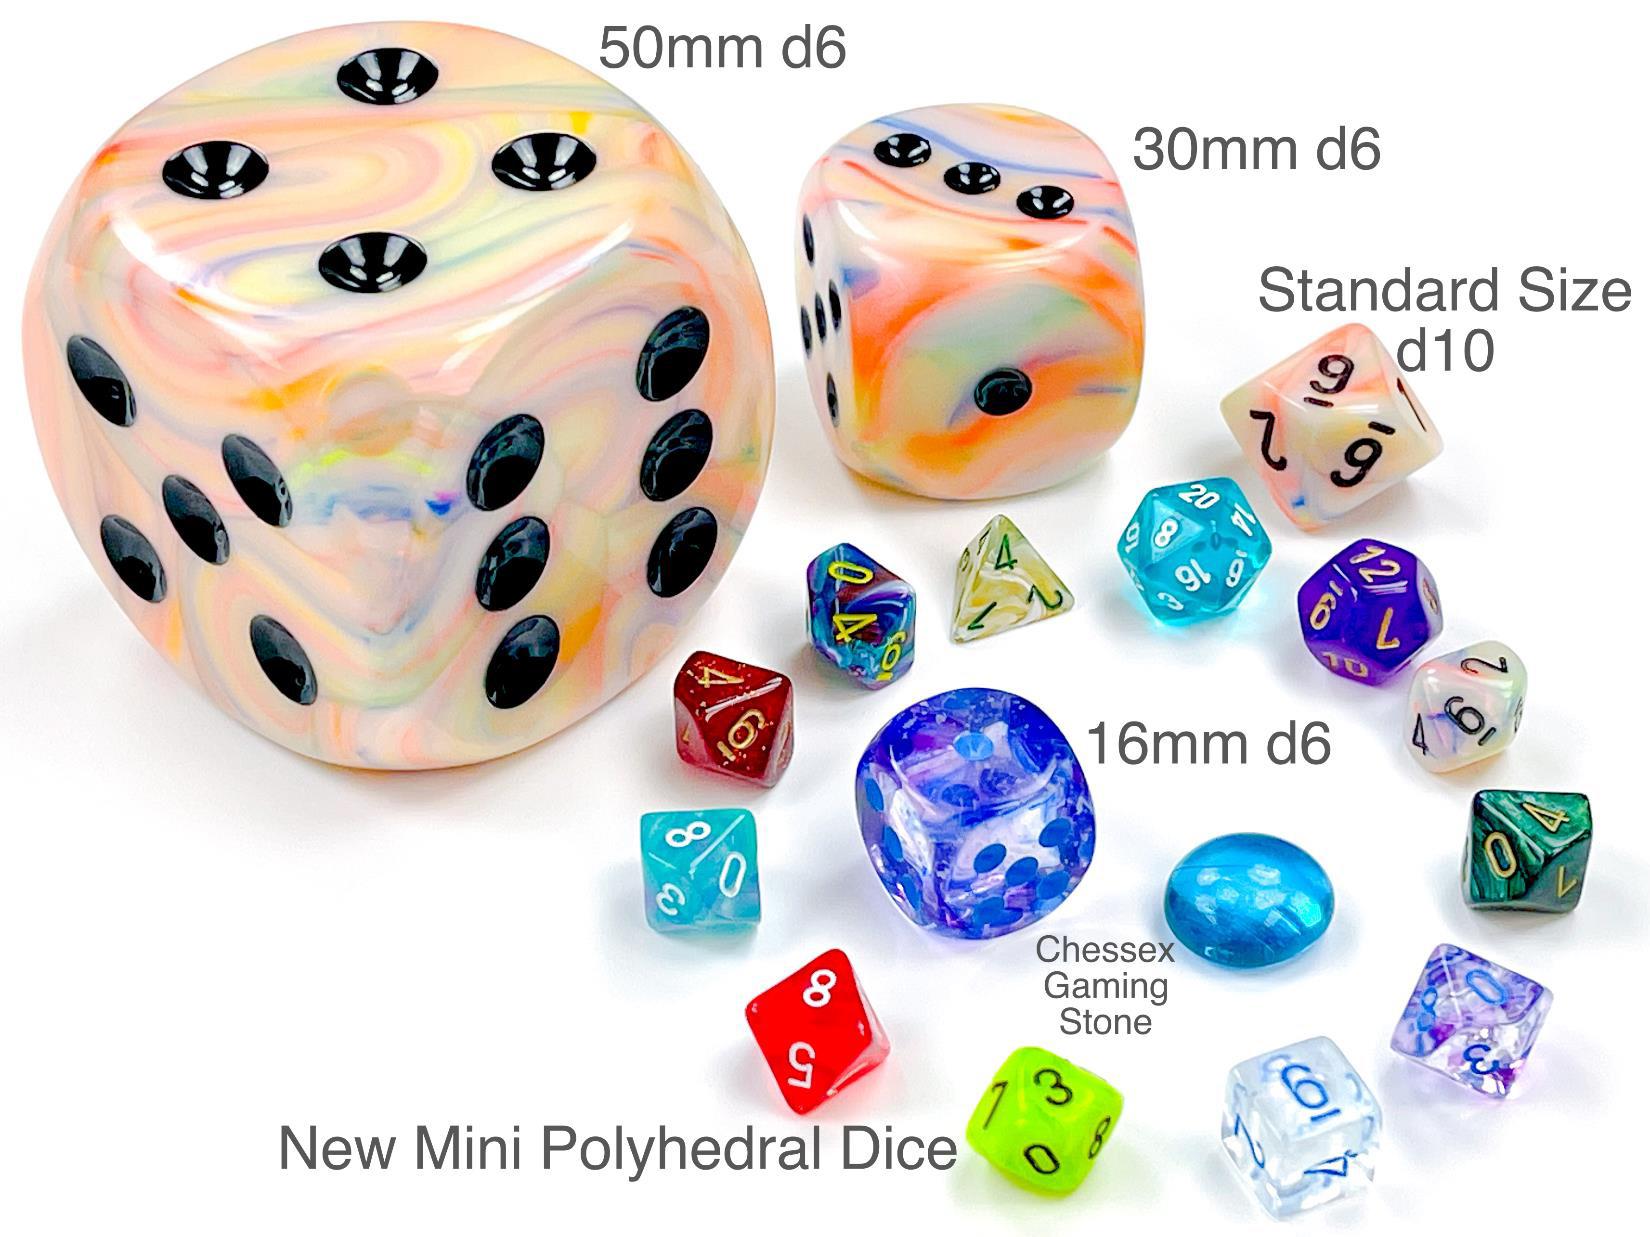 Mini-Polyhedral Size Comparison